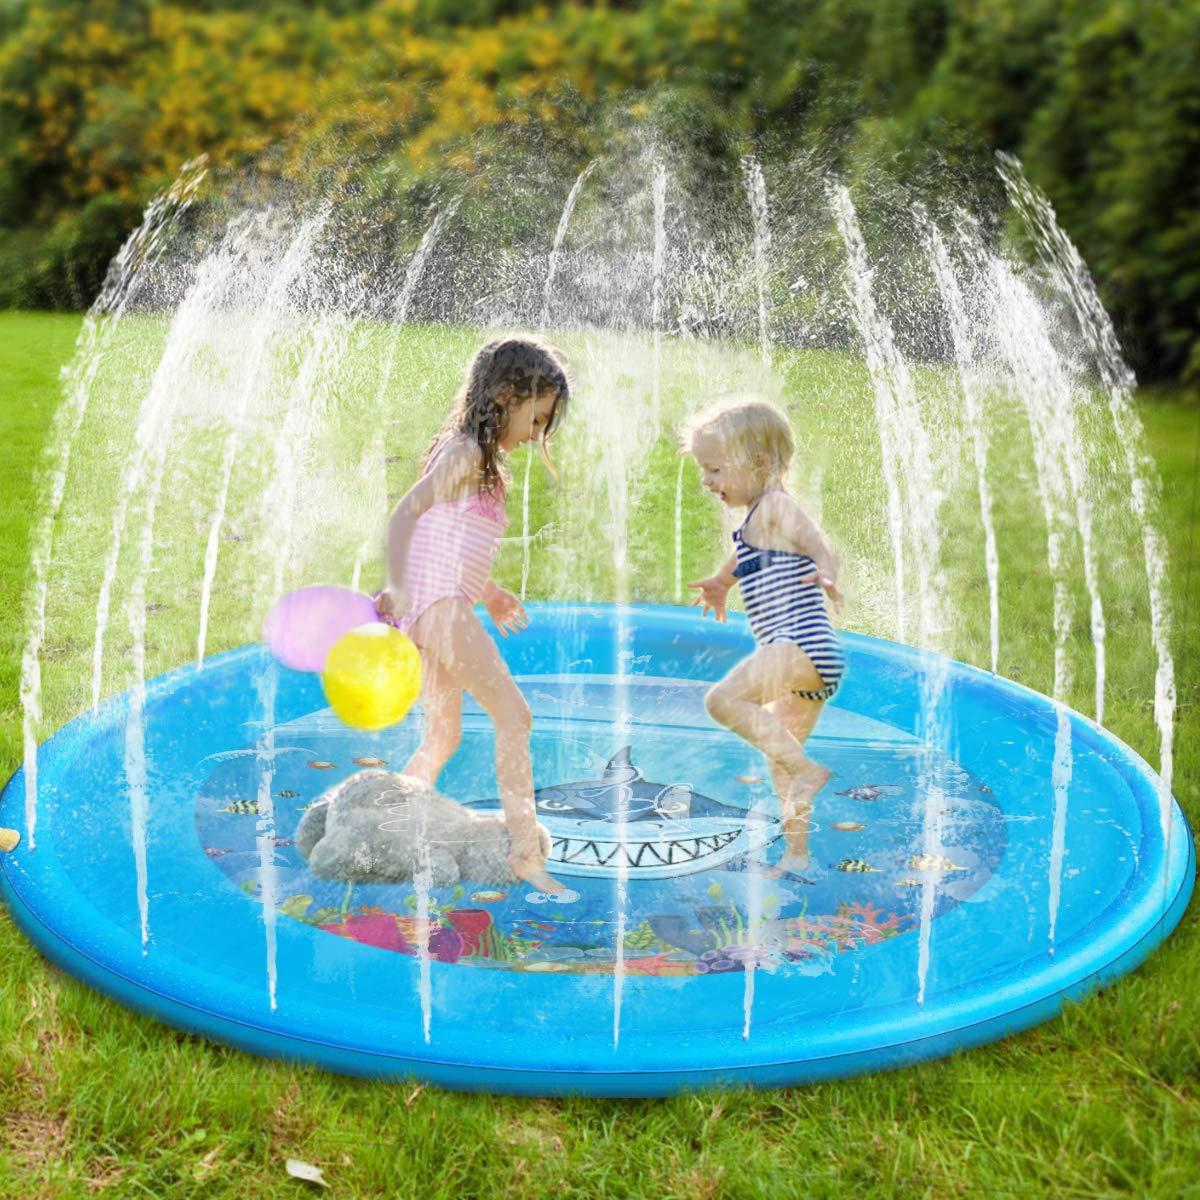 Dillitop Sprinklers for Kids